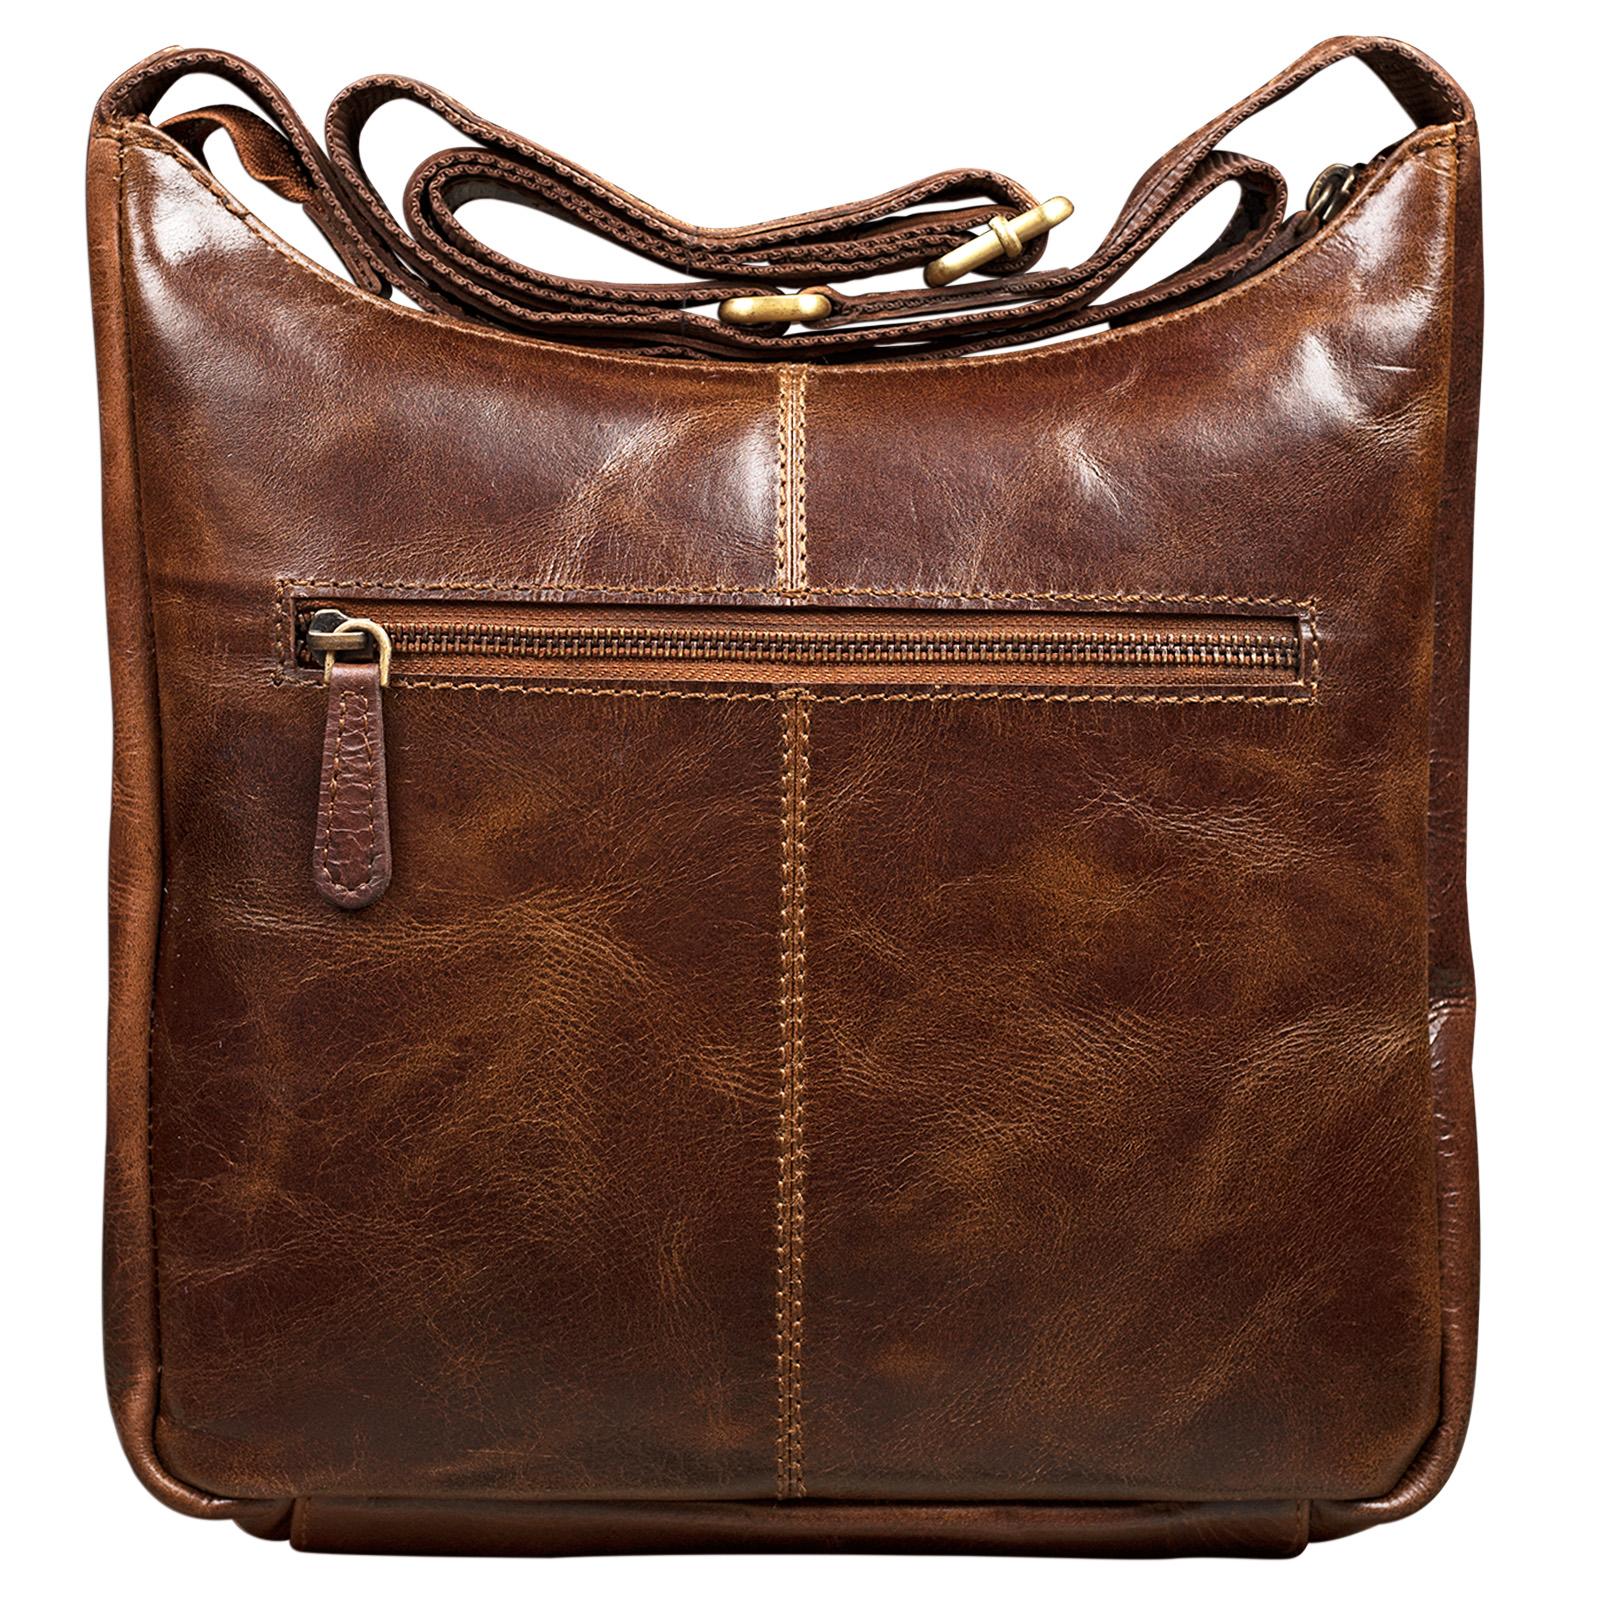 STILORD Handtasche